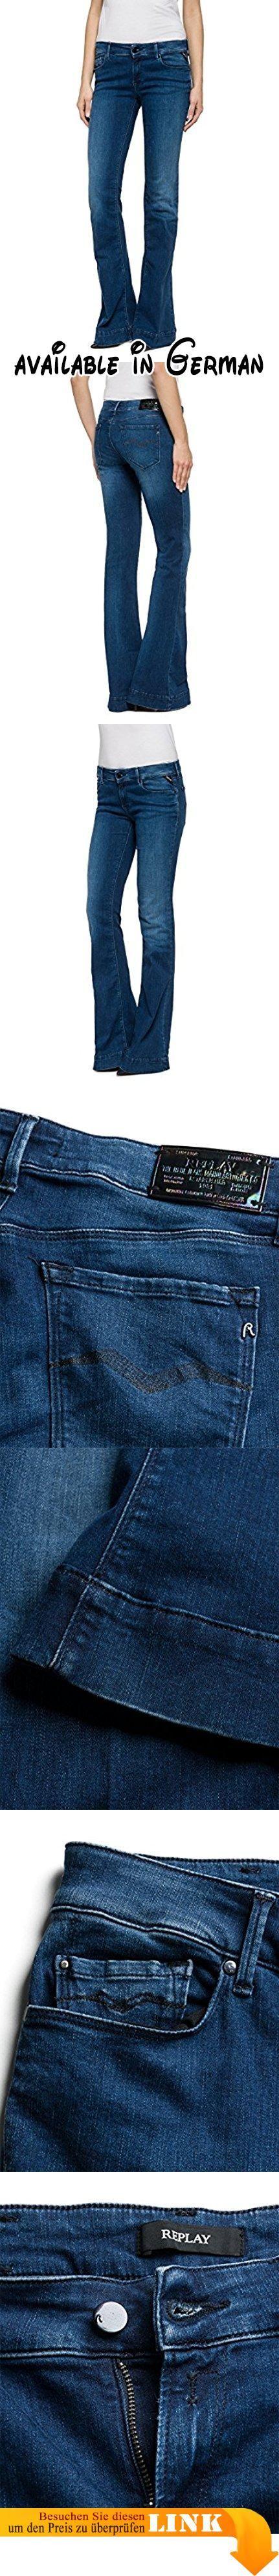 Replay Damen Schlag Jeanshose TEENA, Gr. W32/L34 (Herstellergröße: 32), Blau (Blue Denim 9). Diese Flared Jeans von Replay sollte in keinem gut sortierten Kleiderschrank fehlen. Die Hose ist an der Hüfte und den Oberschenkeln schmal geschnitten und geht vom Knie an in einen Schlag über. Dank des hohen Stretch-Anteils und ihrer robusten Qualität passt sie sich perfekt an die Haut an. Mit engem Print-Shirt oder Longbluse, High Heels und interessanten Accessoires gelingen